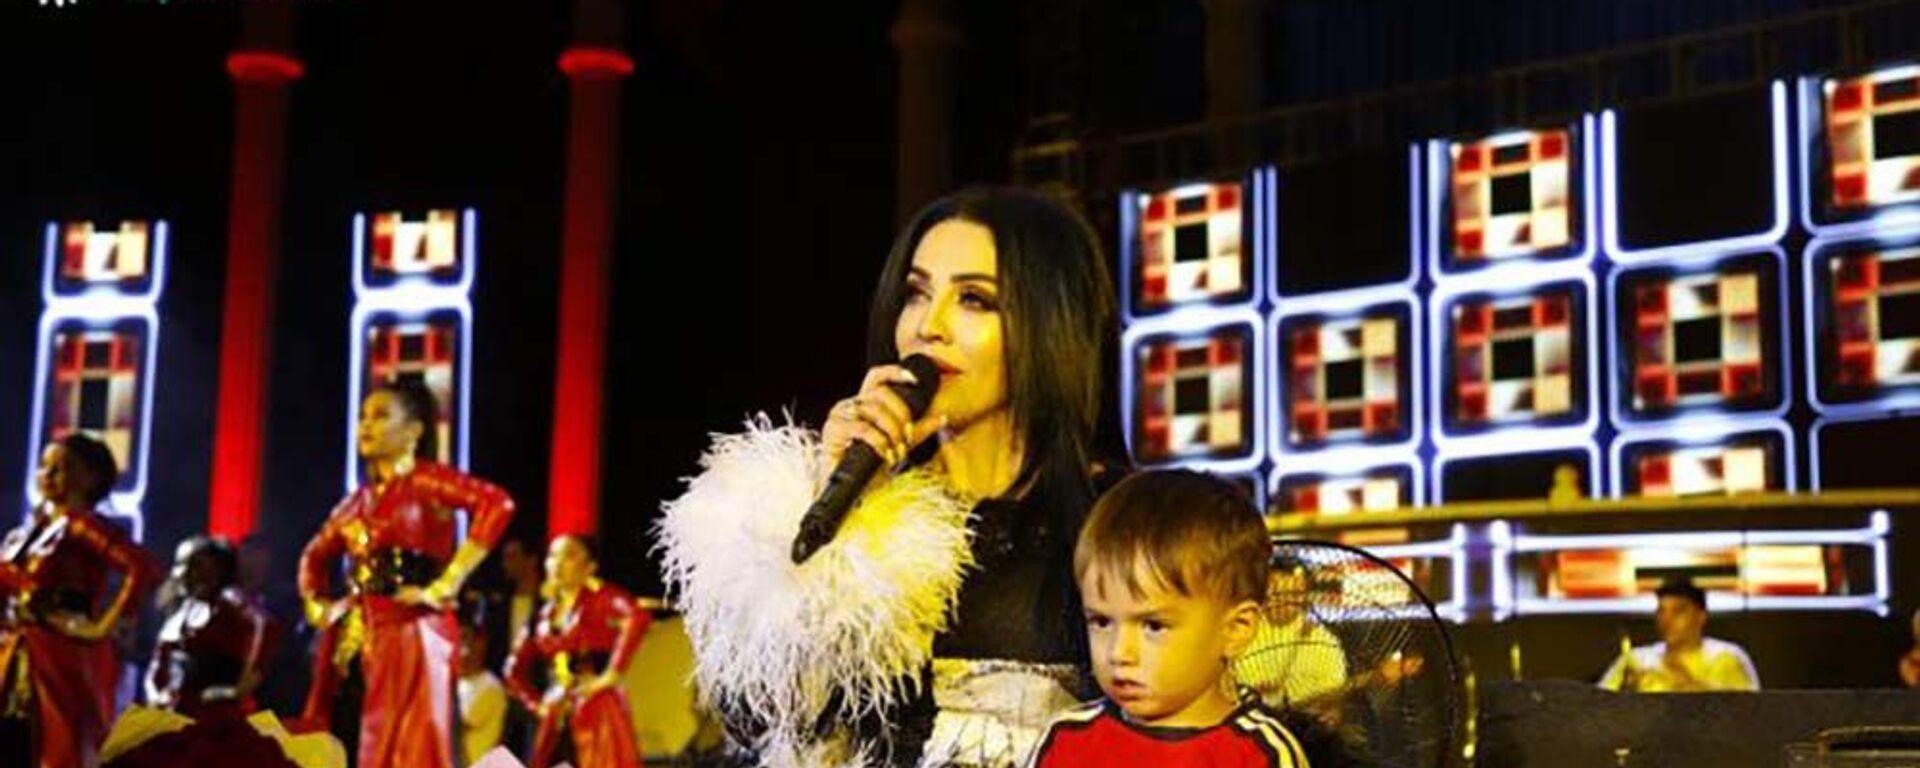 Шабнами Сурайё таджикская певица - Sputnik Таджикистан, 1920, 26.08.2019